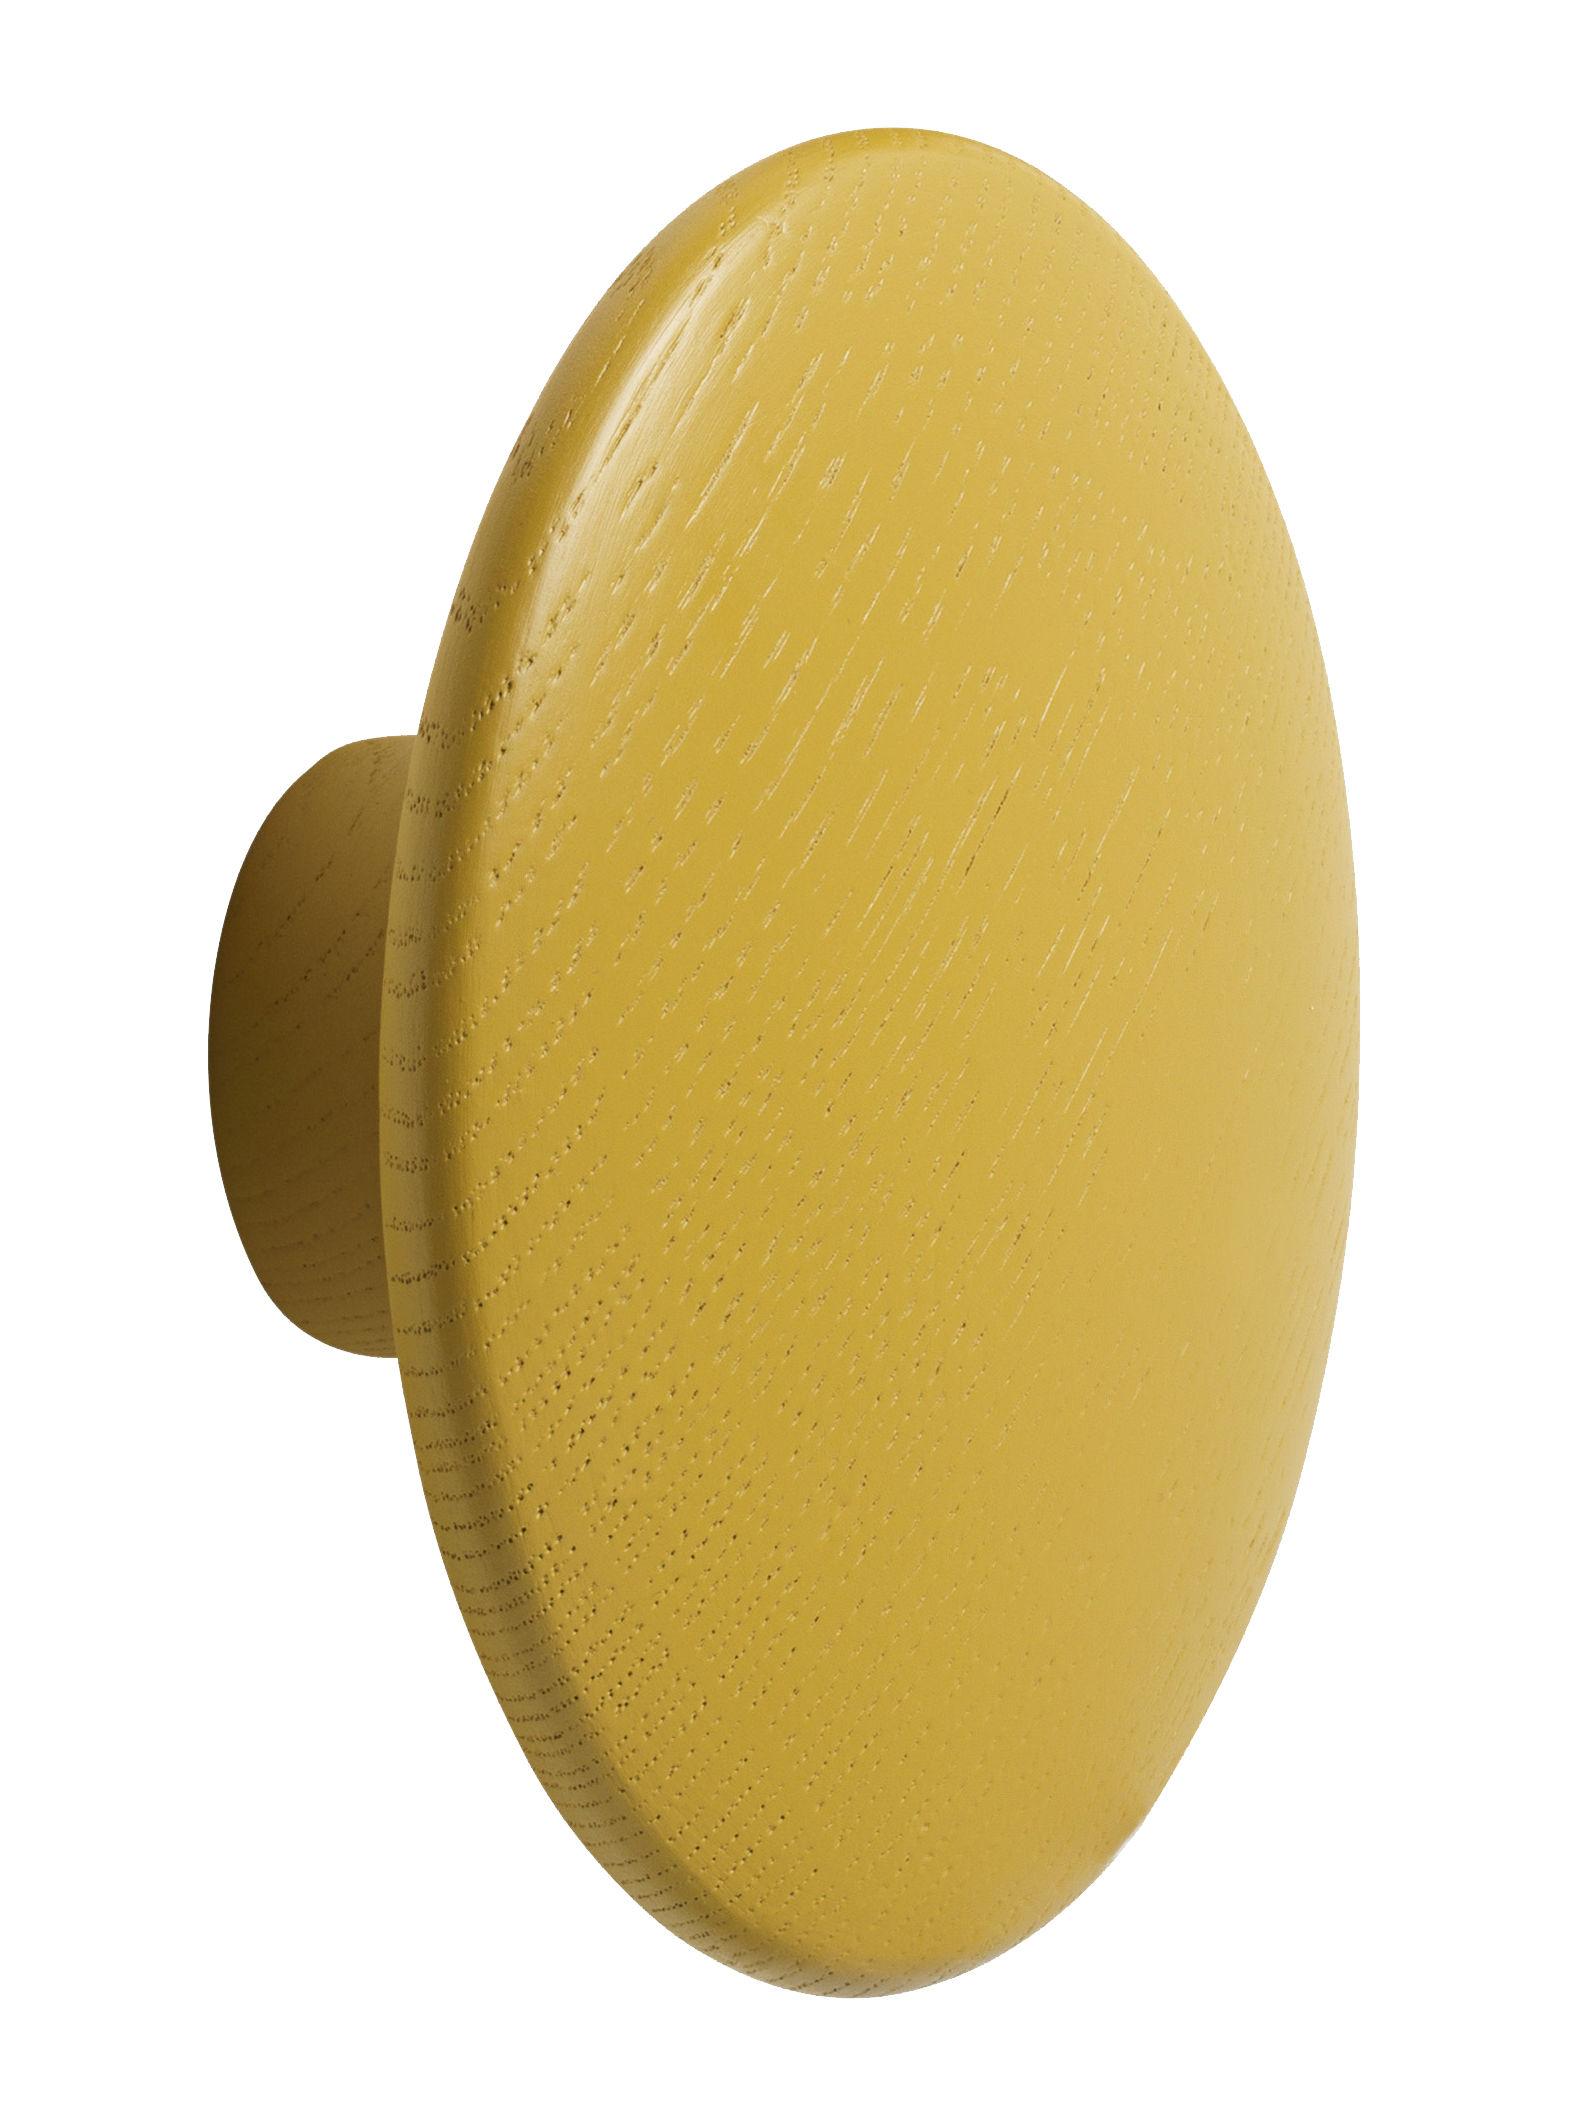 Mobilier - Portemanteaux, patères & portants - Patère The Dots Wood / Medium - Ø 13 cm - Muuto - Jaune moutarde - Frêne teinté